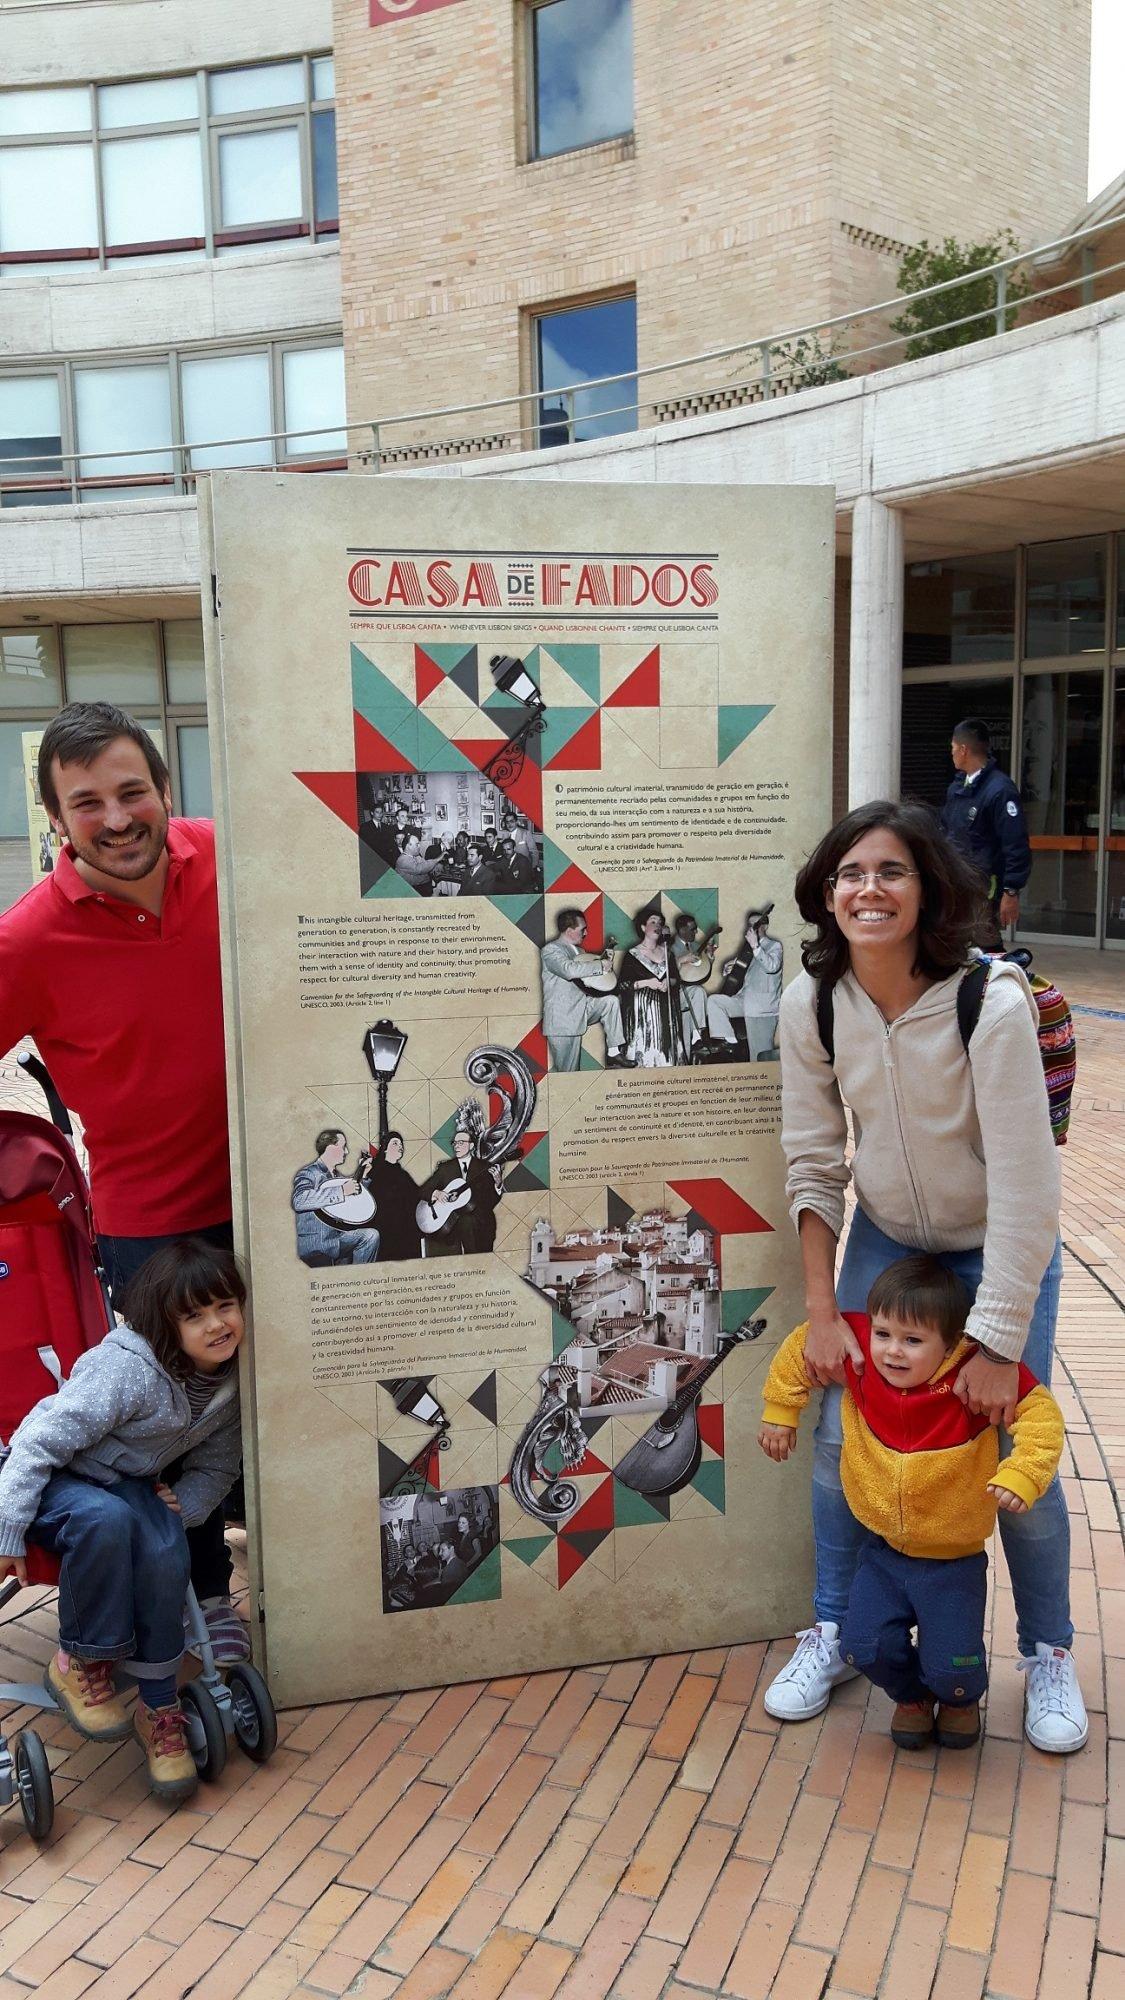 Bem no centro de Bogotá, a exposição Casa de Fados acompanhou o Festival de Fado que teve lugar em junho.